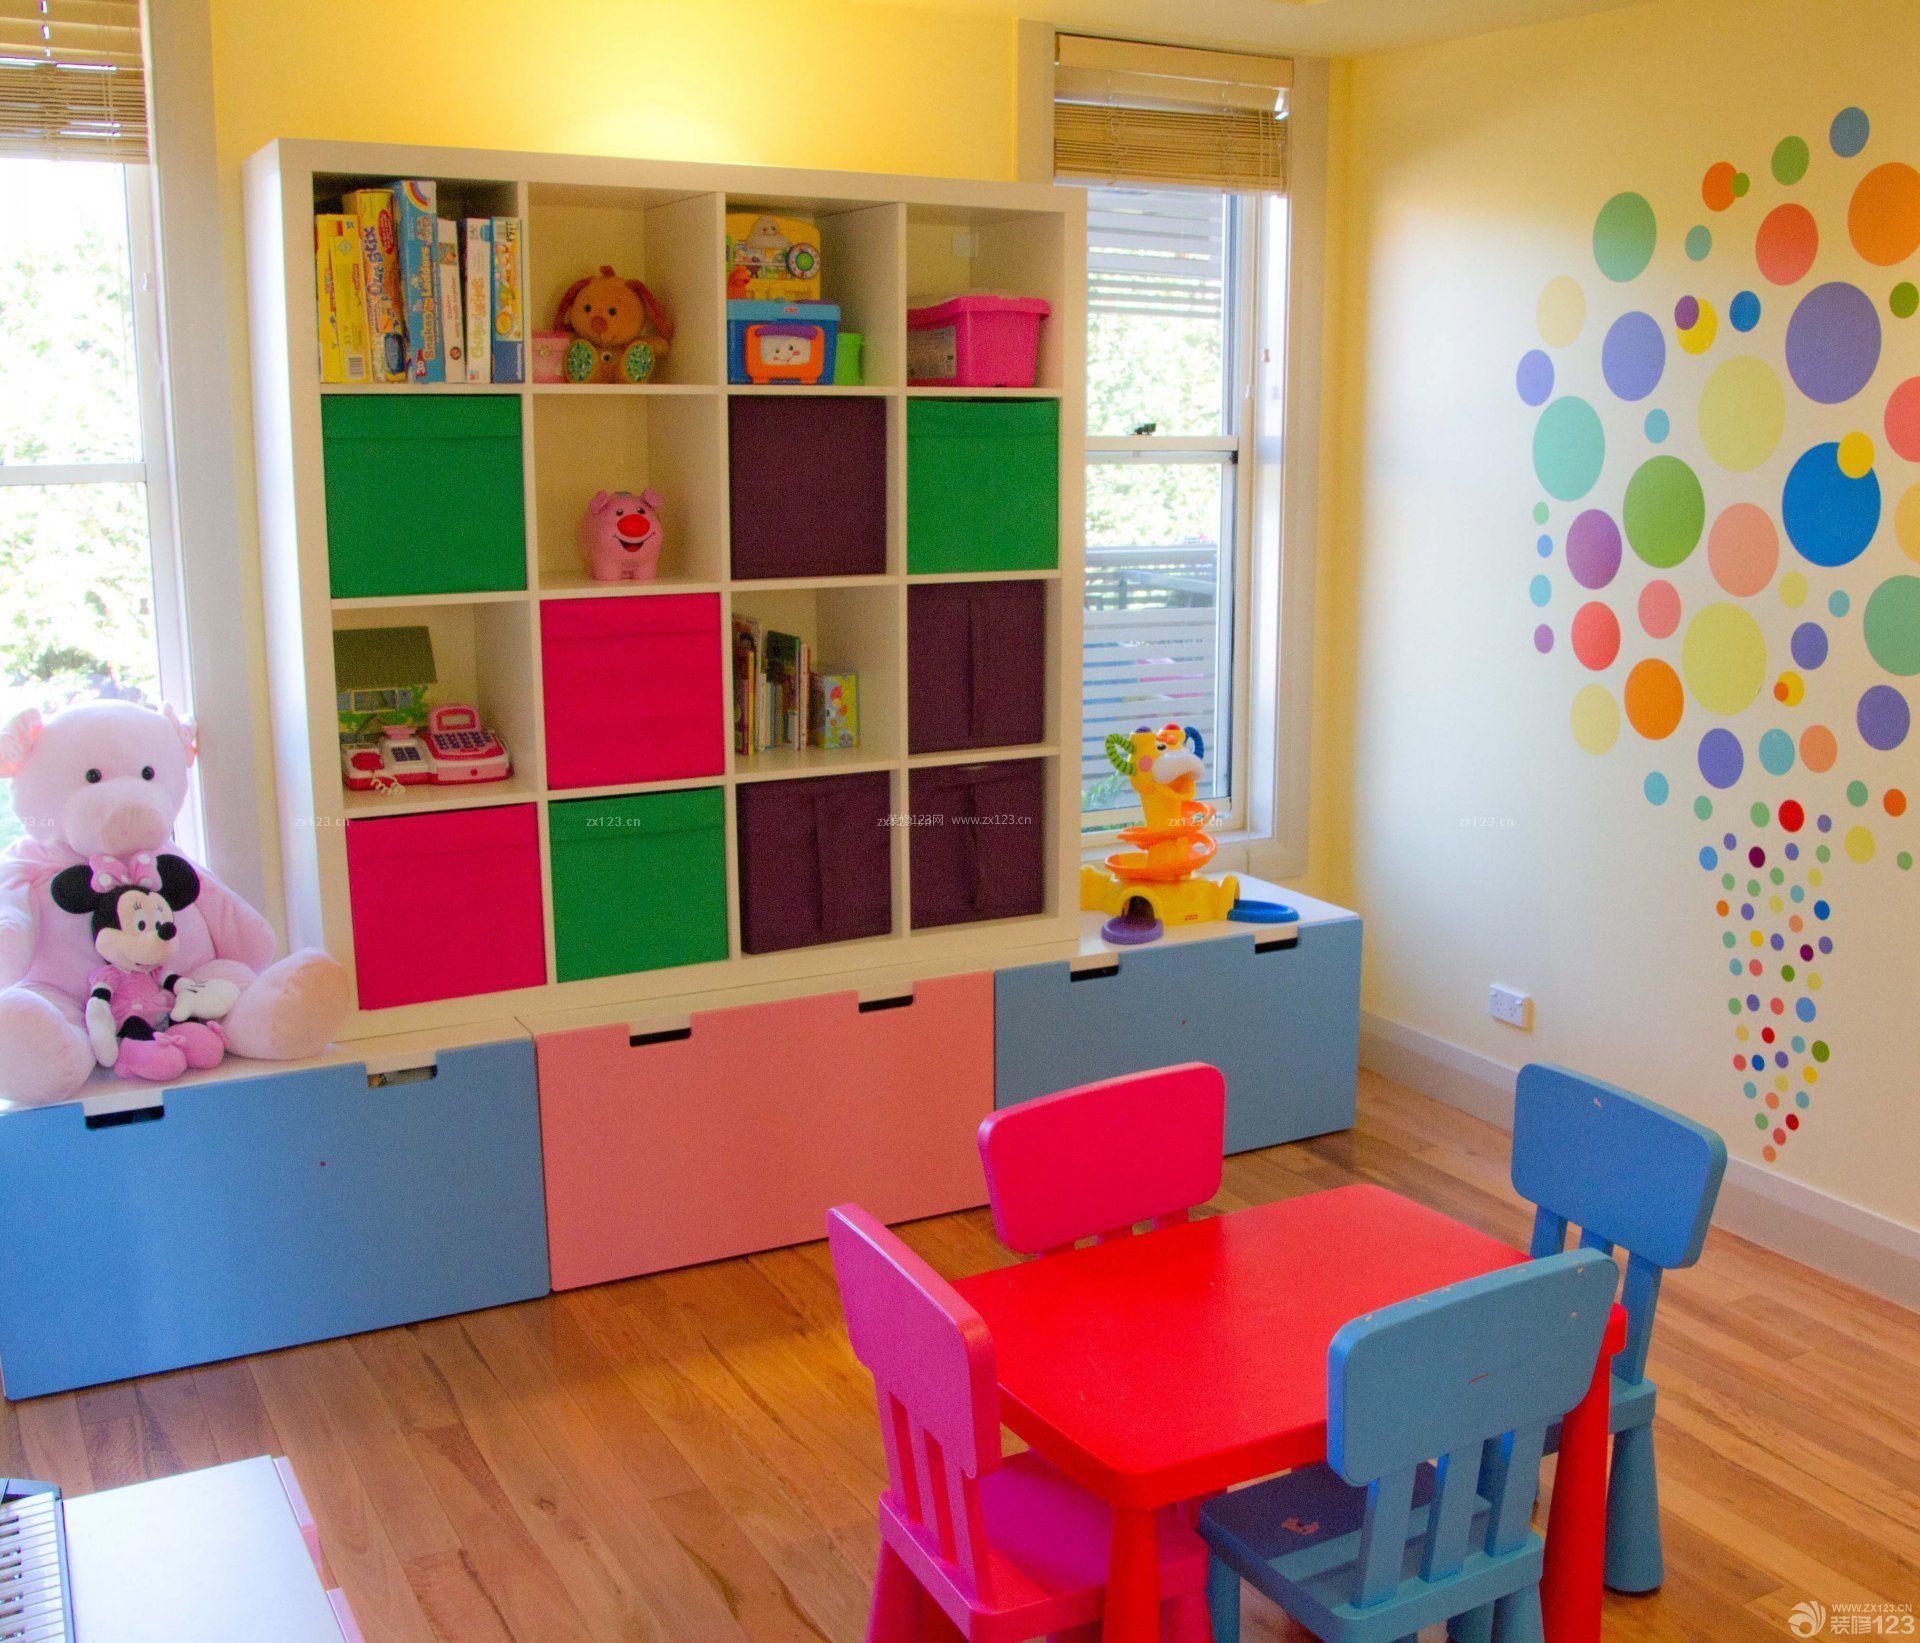 幼儿园教室柜子装修效果图片大全